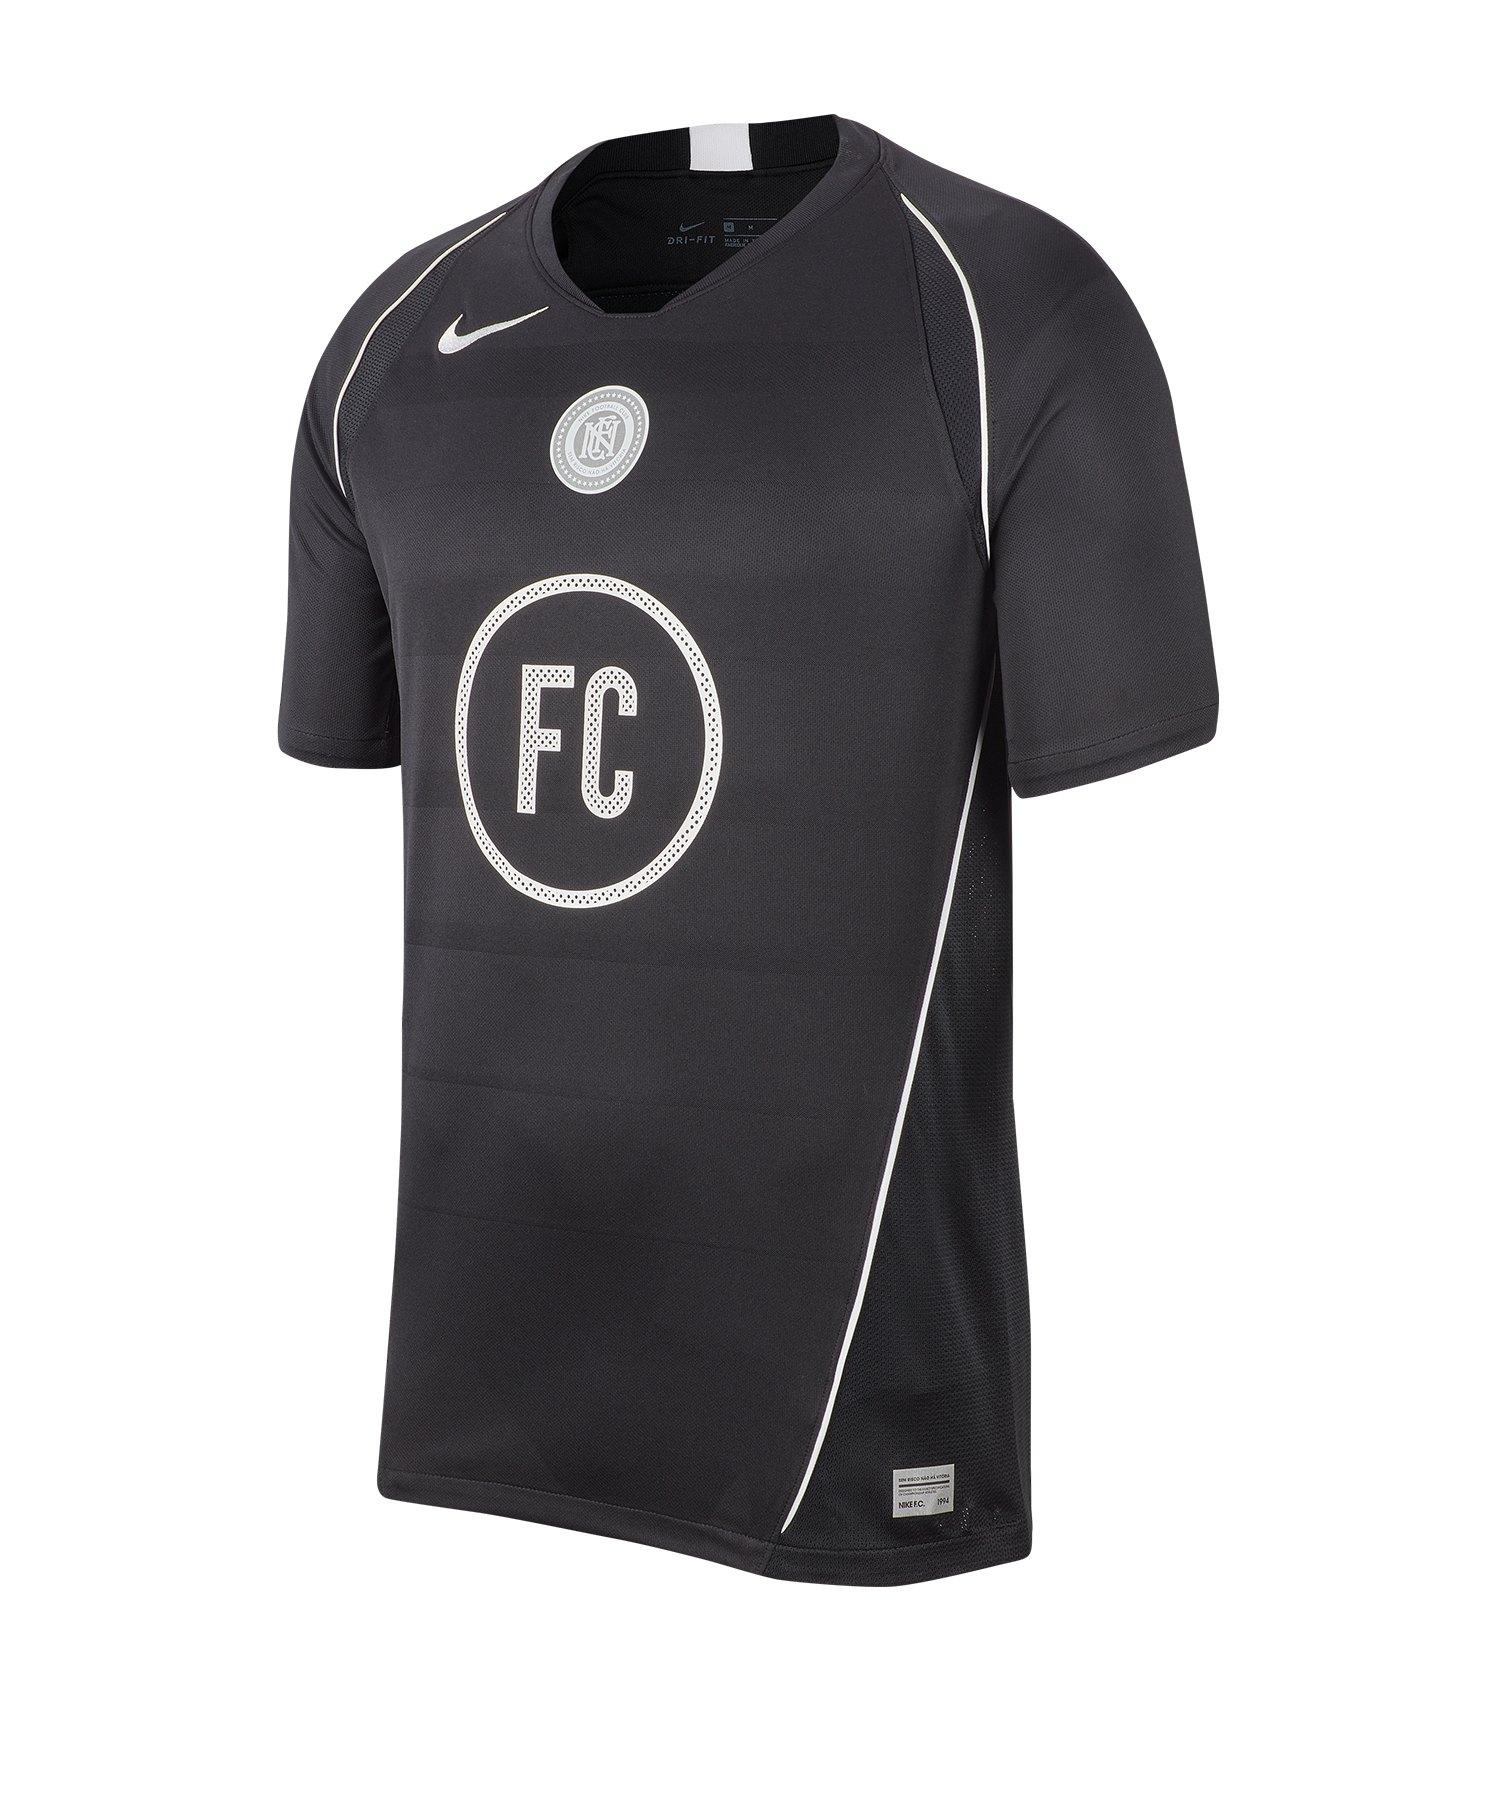 Nike F.C. Home Soccer Trikot kurzarm Schwarz F010 - schwarz